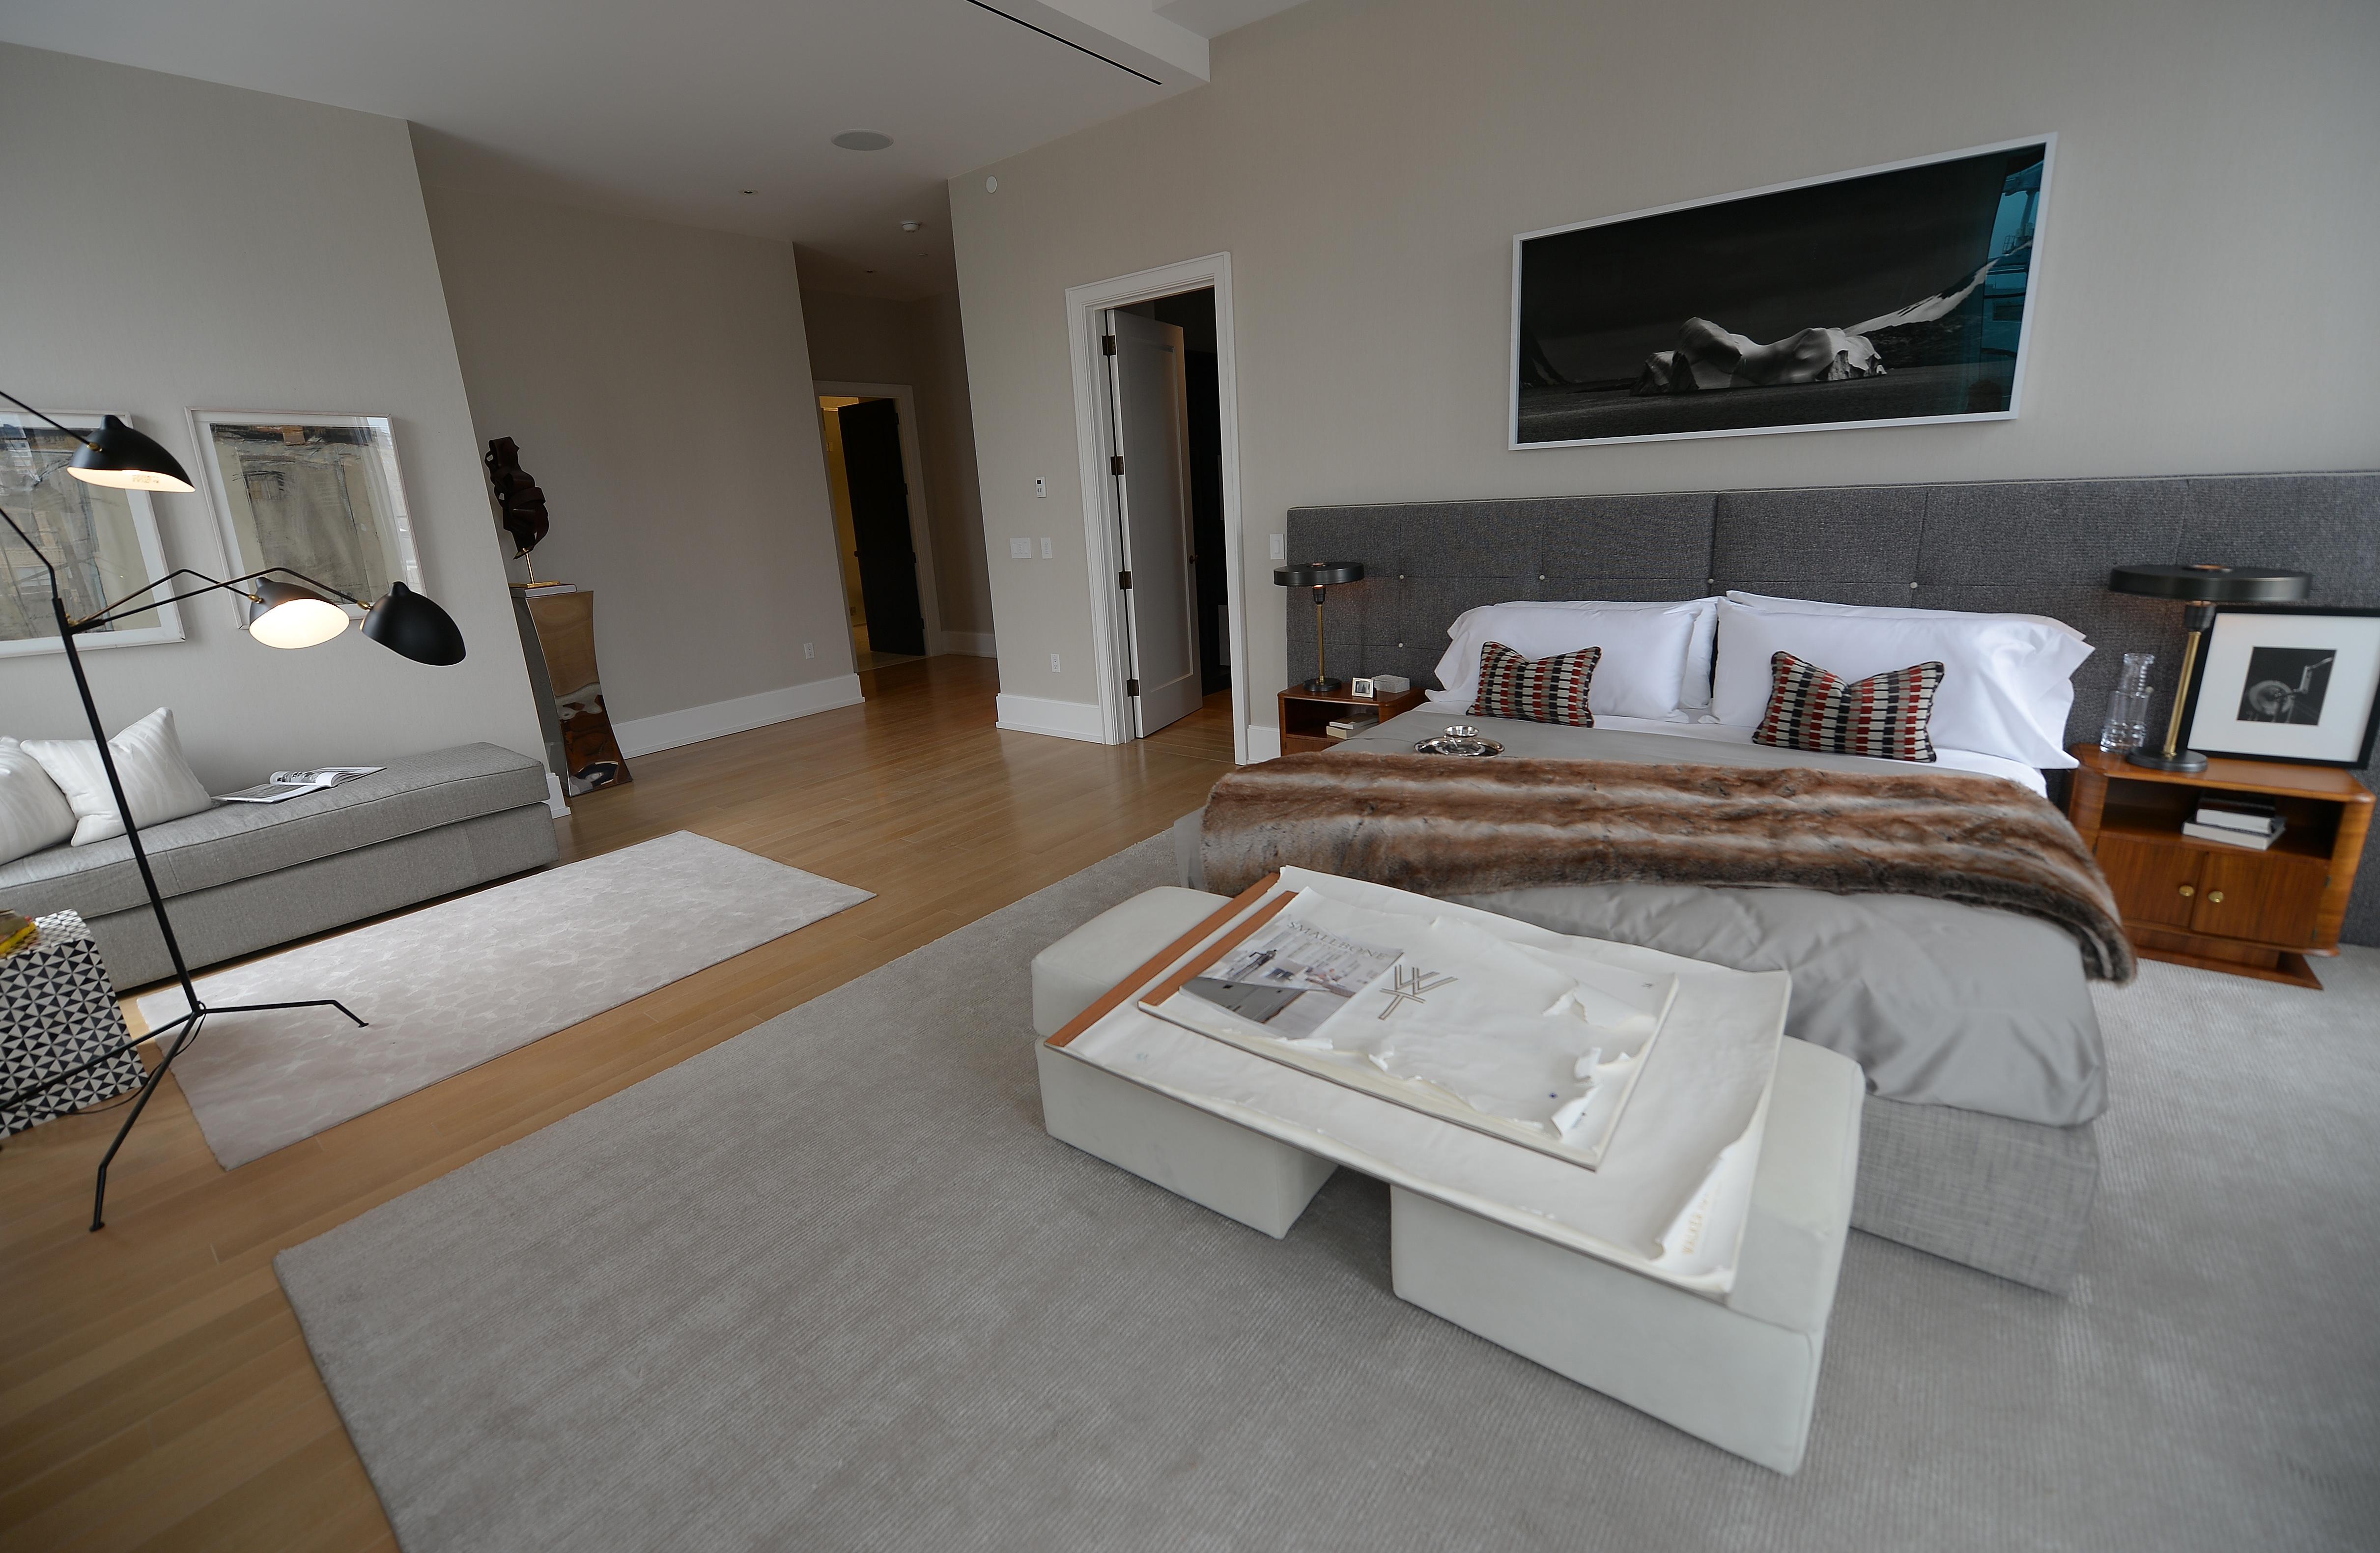 Tende moderne argento - Sesso in camera da letto ...